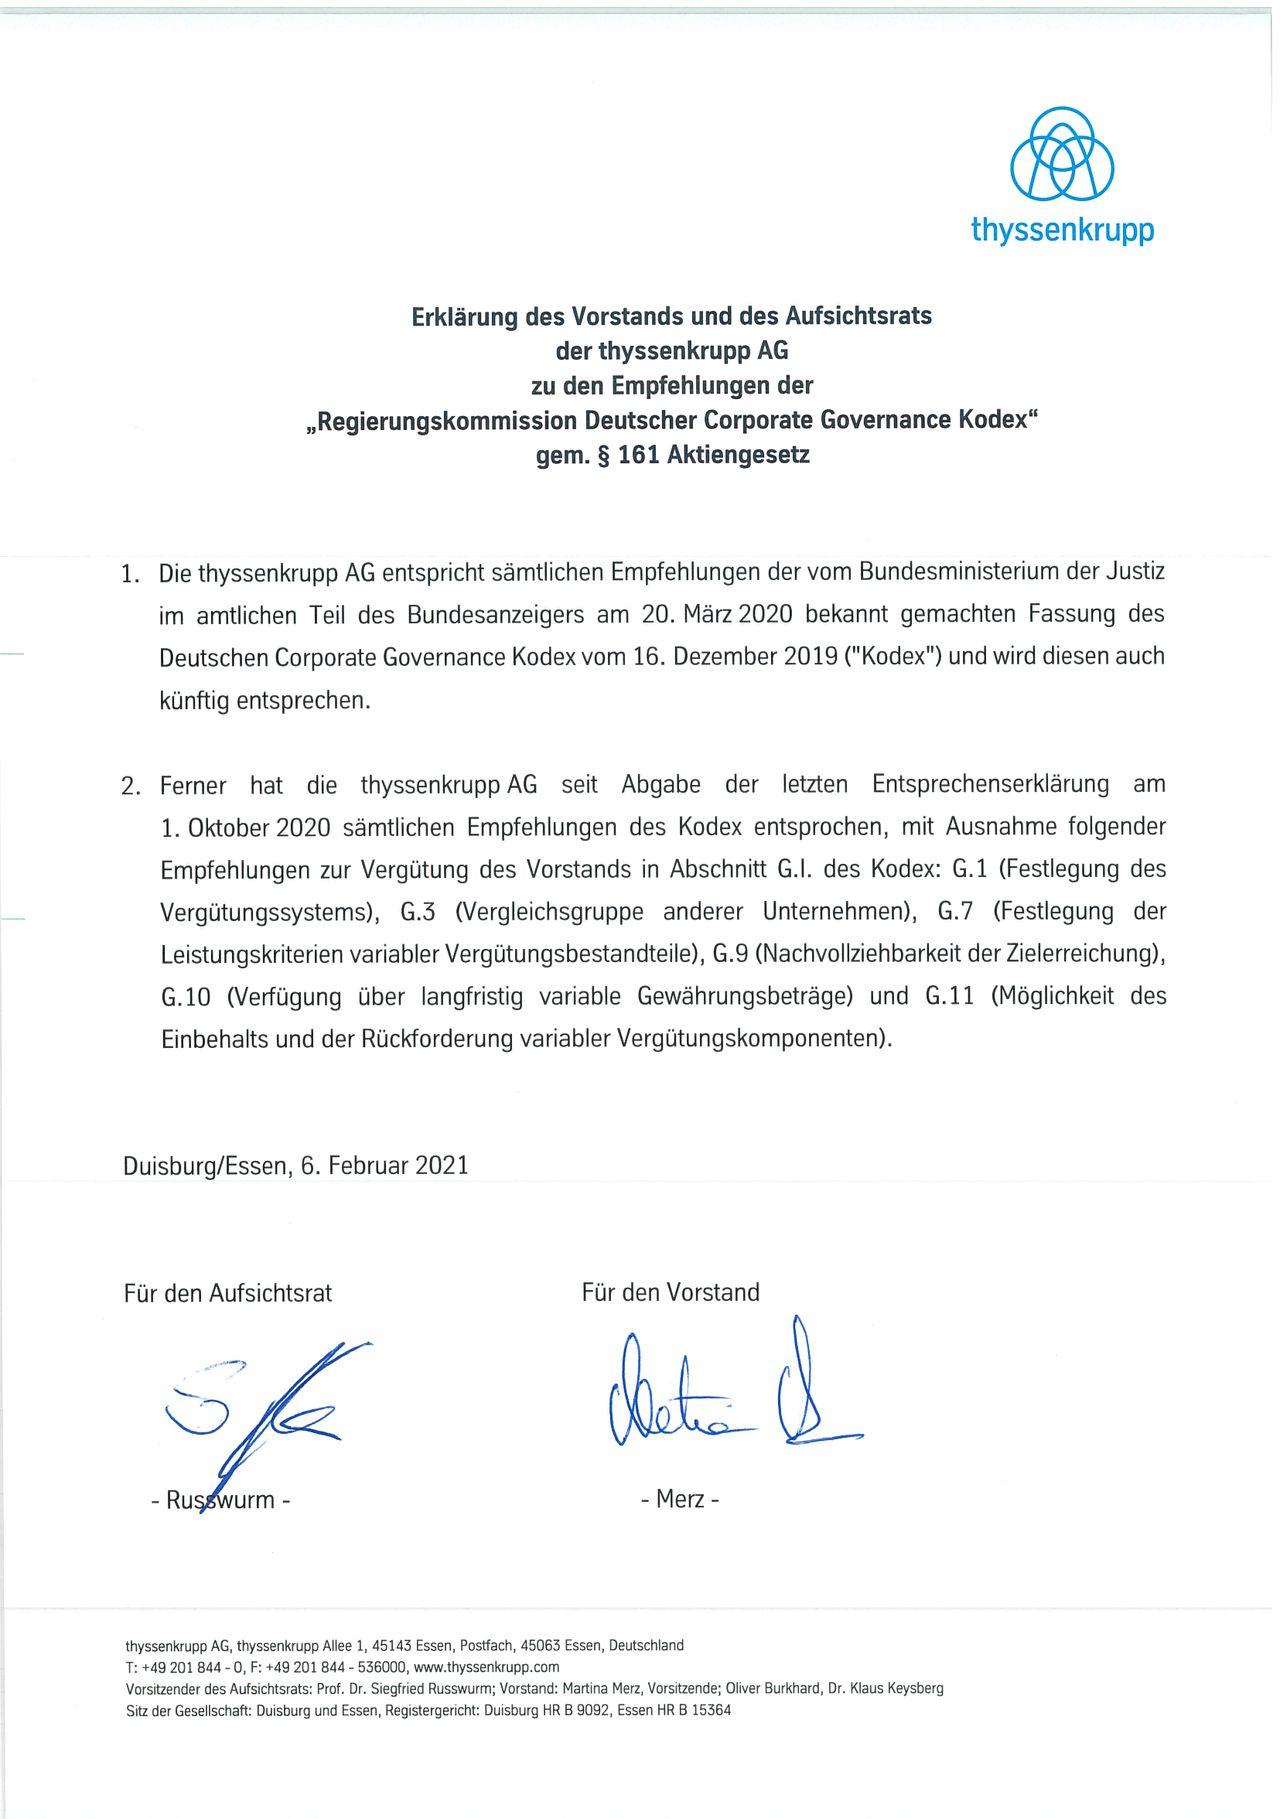 Entsprechenserklärung vom 6. Februar 2021